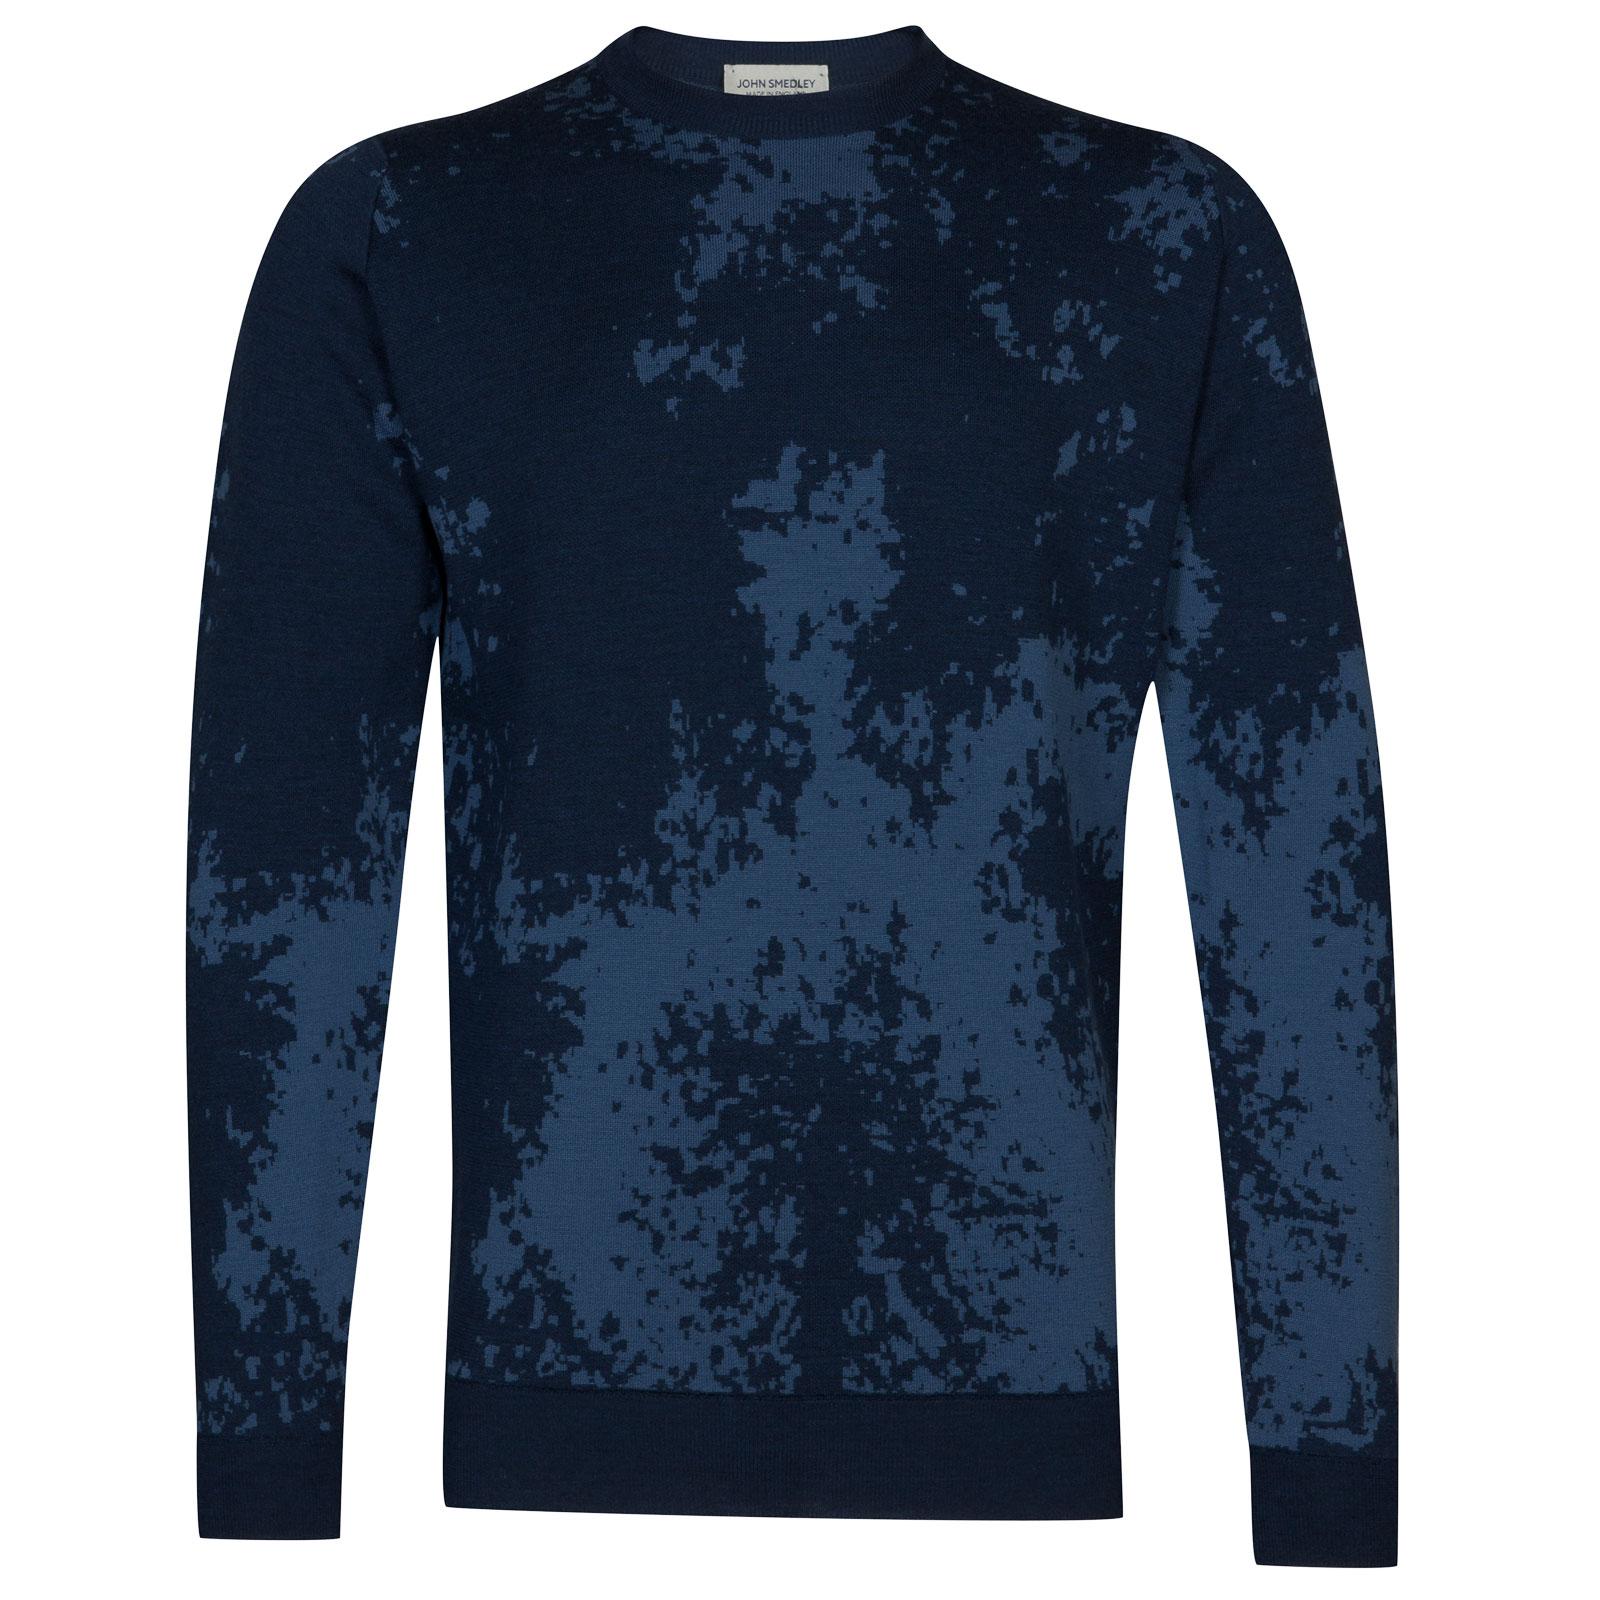 John Smedley bowland Merino Wool Pullover in Indigo/Derwent Blue-L